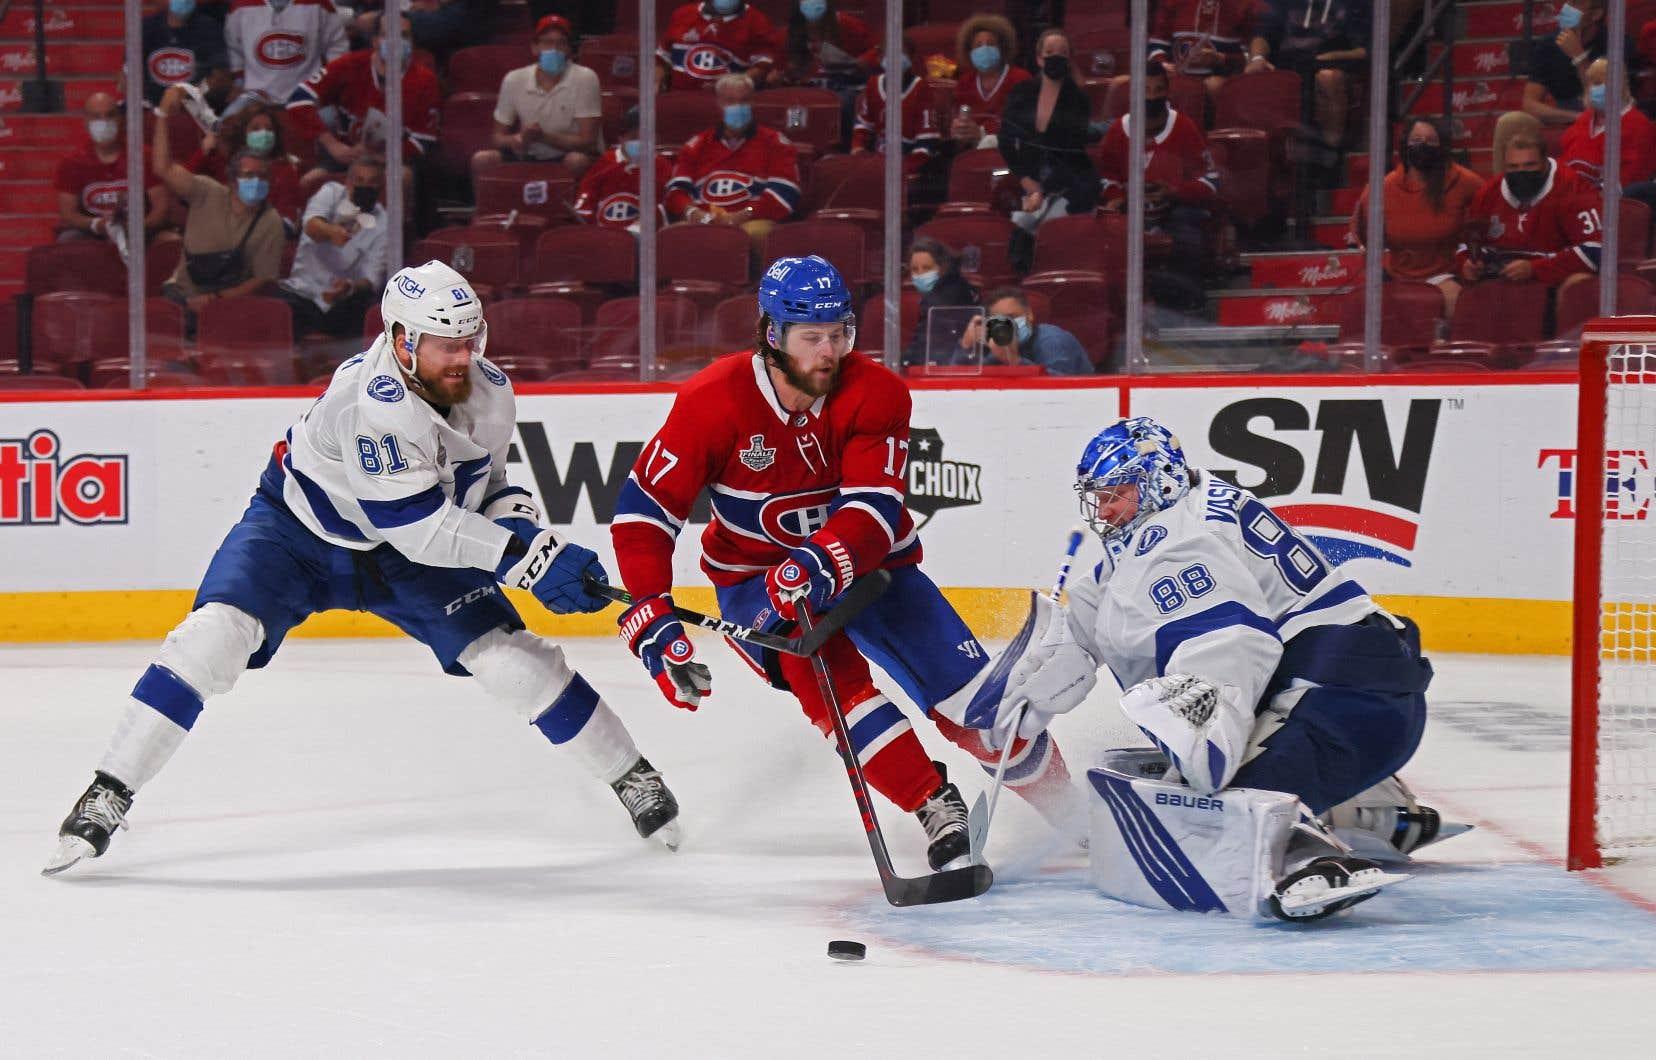 «Le hockey fait partie intégrante de la culture québécoise», écrit l'auteur.